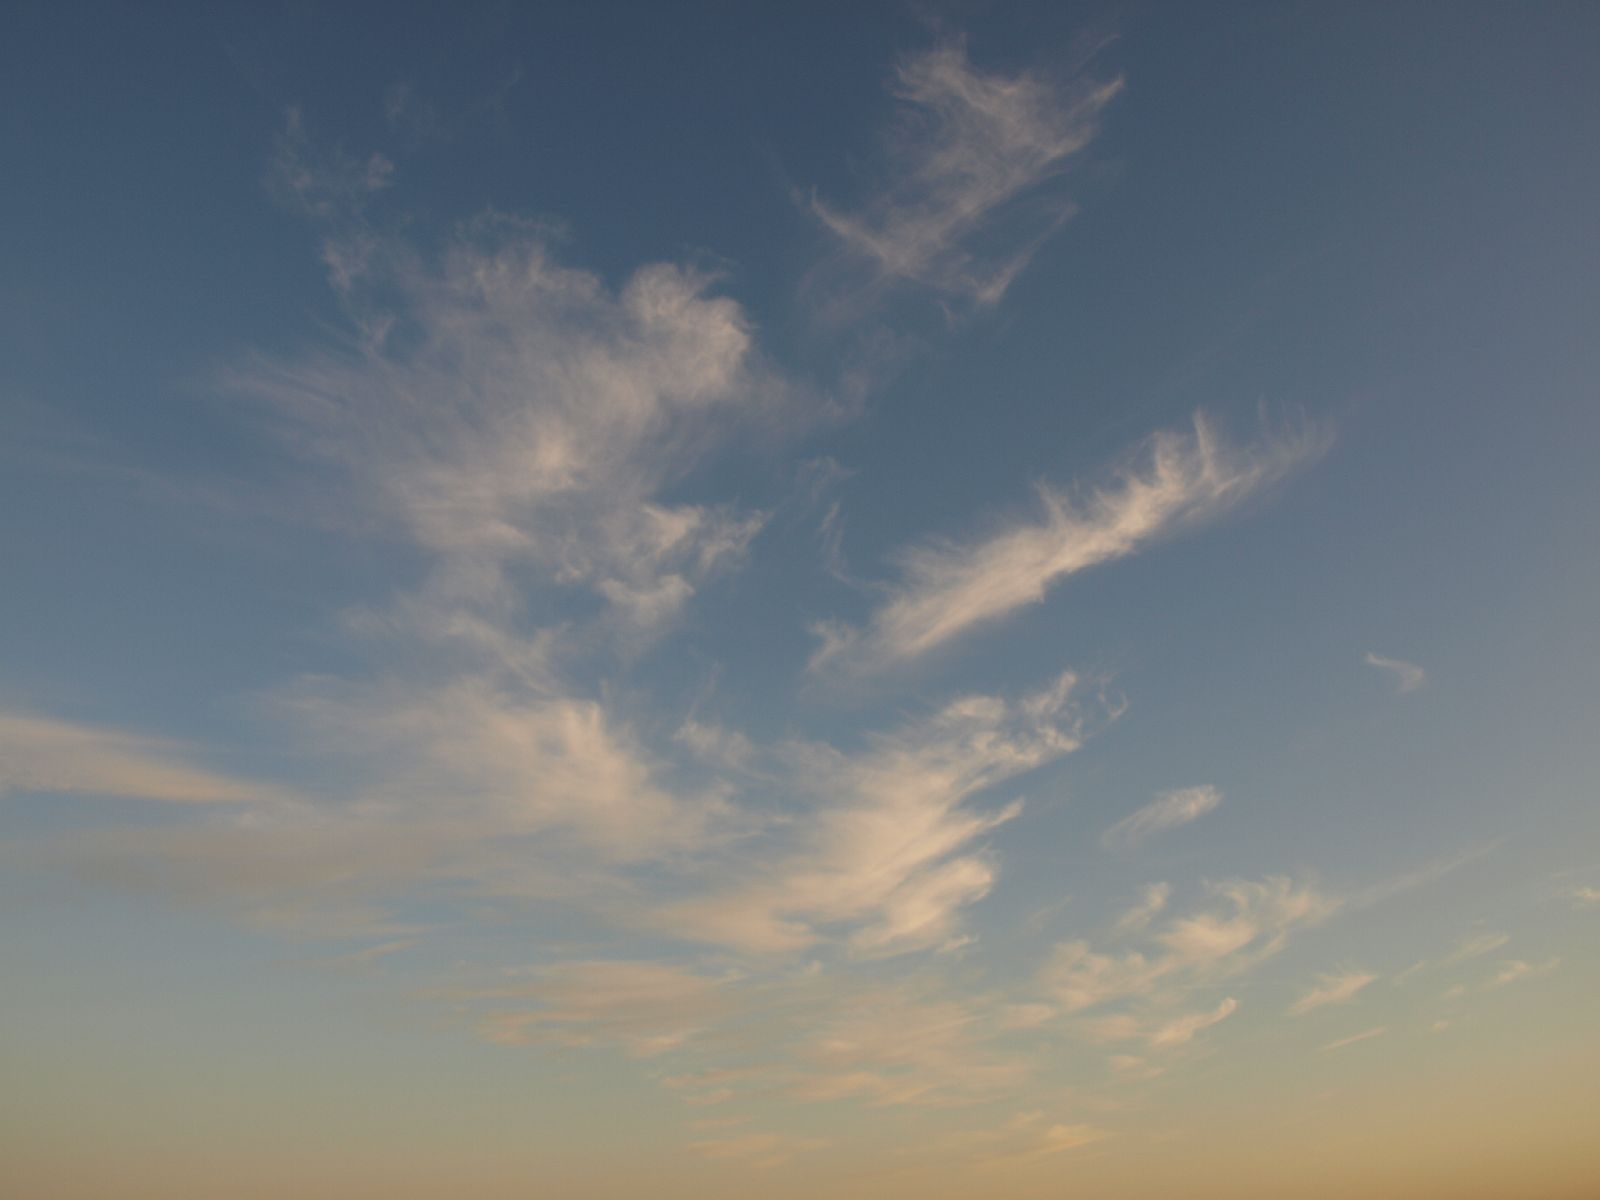 Himmel-Wolken-Foto_Textur_A_P9144905